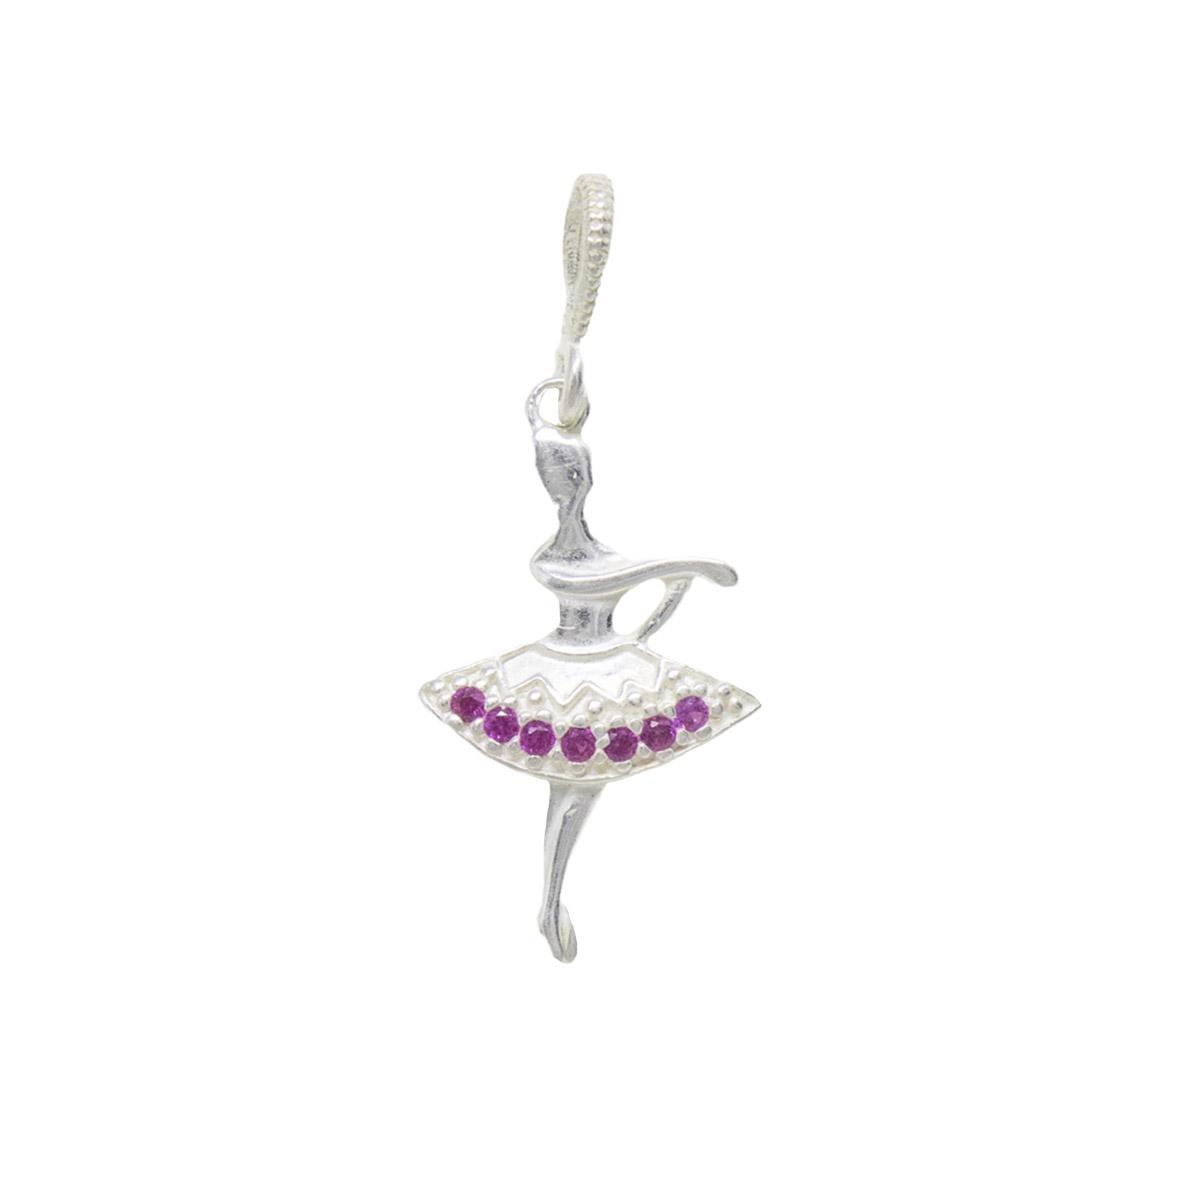 Pingente prata 925 pura bailarina com zircônia colorida